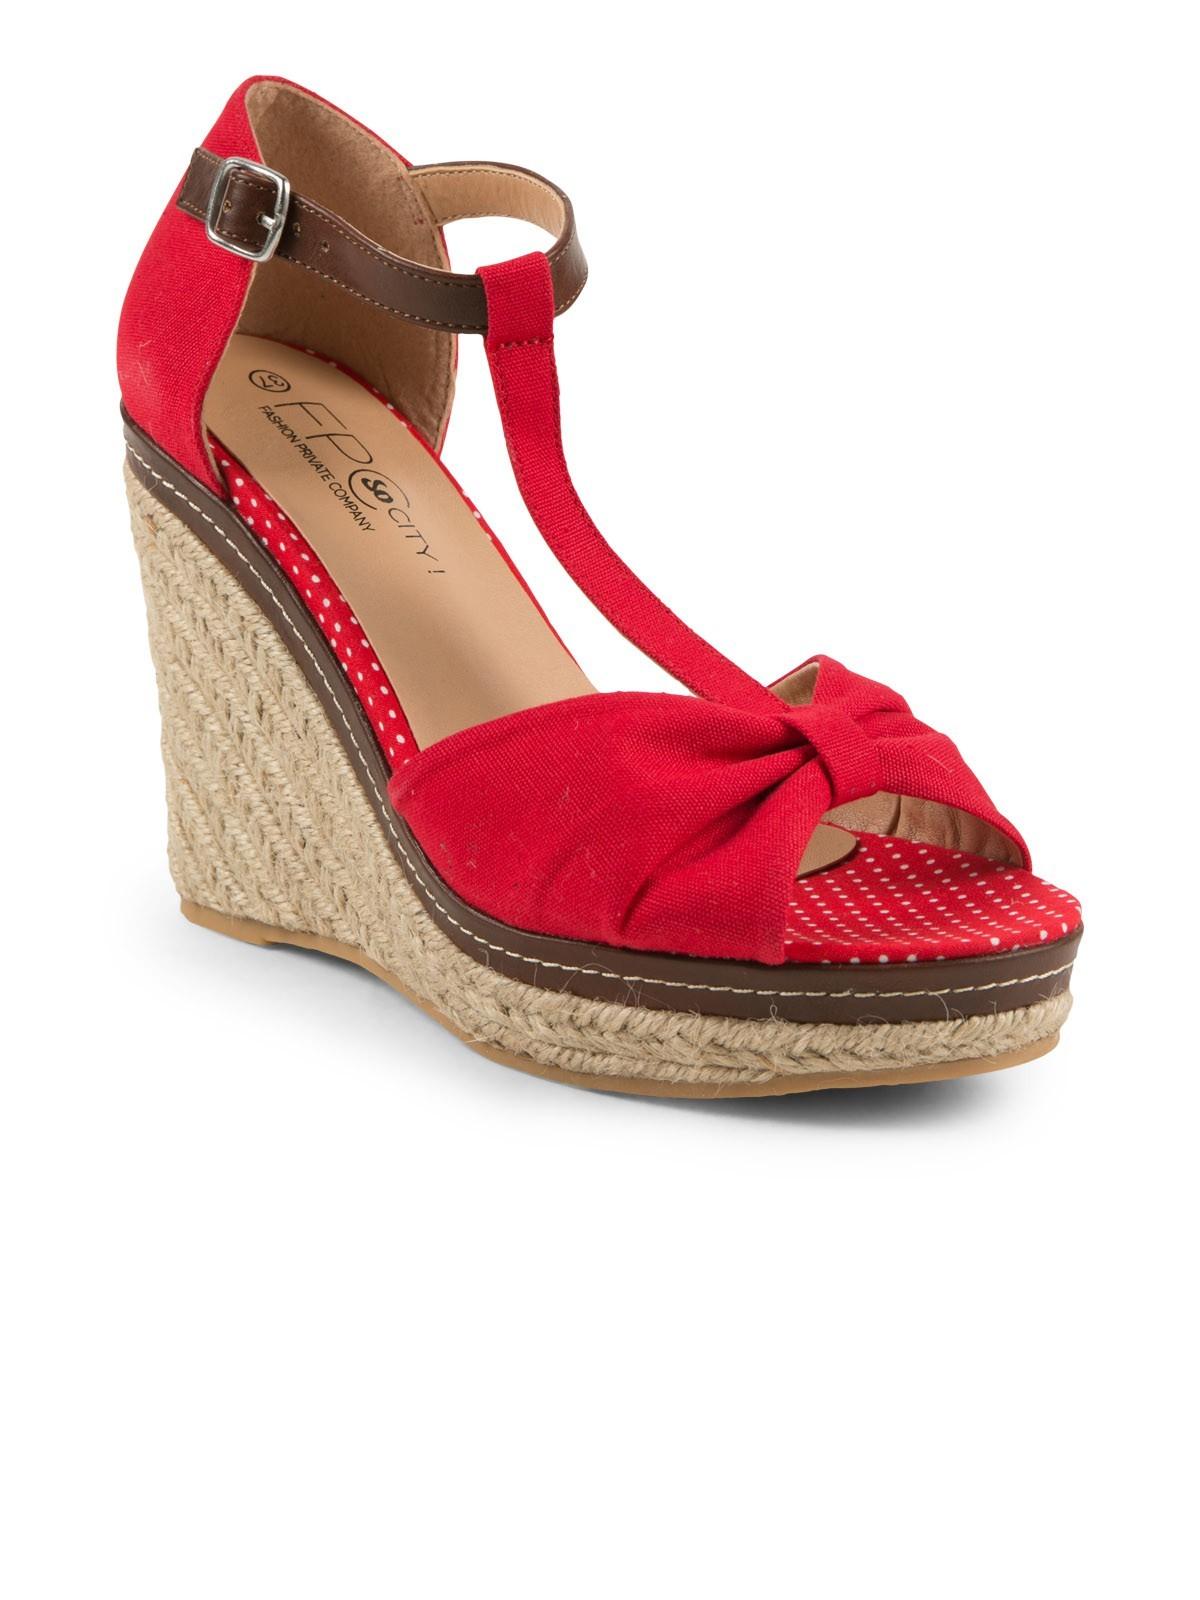 Sandales compensées avec noeud femme DistriCenter